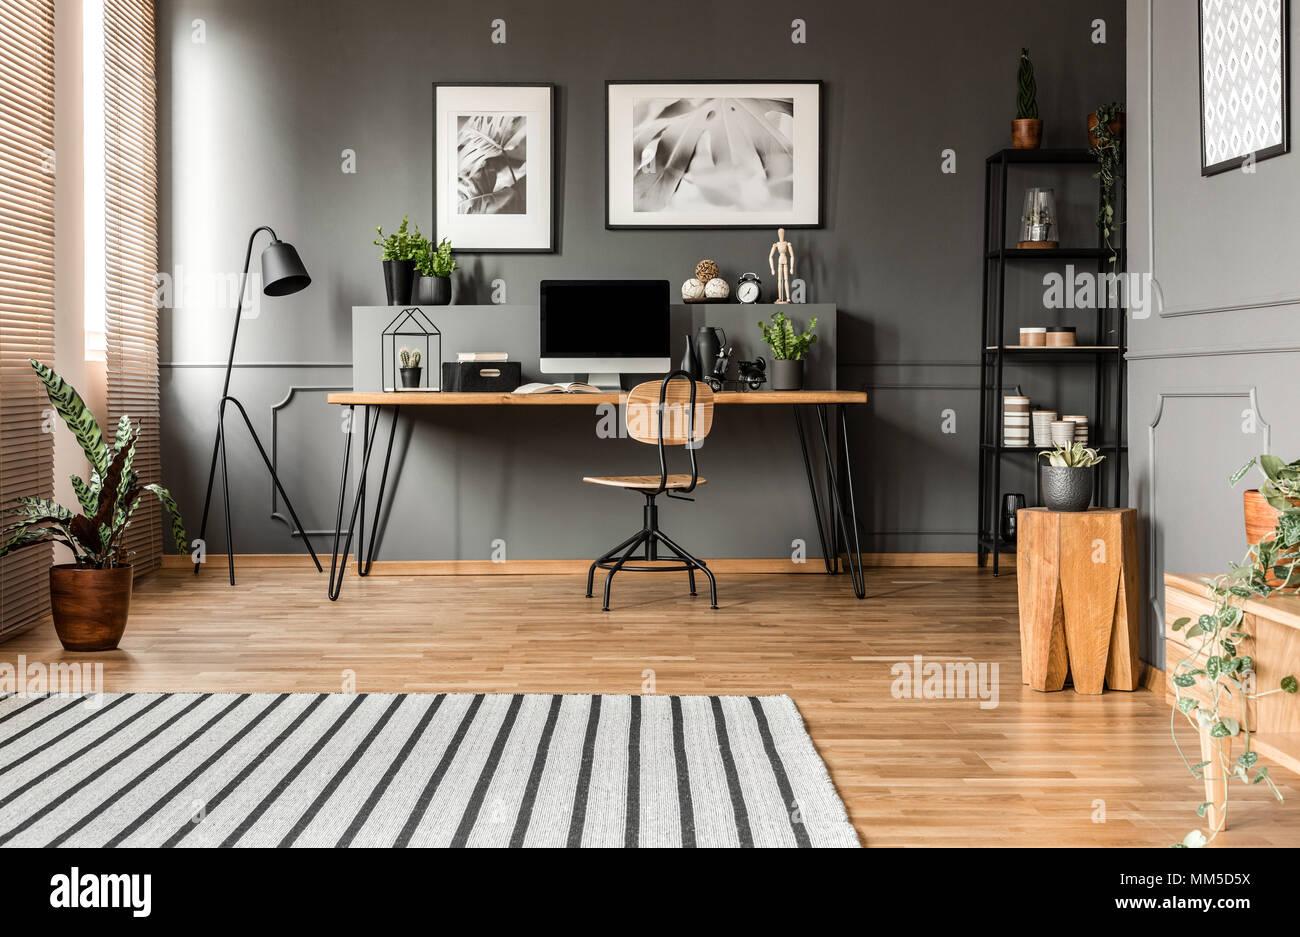 Planta sobre el taburete de madera cerca de tabla con monitor de computadora en el área de trabajo gris interior con carteles Imagen De Stock